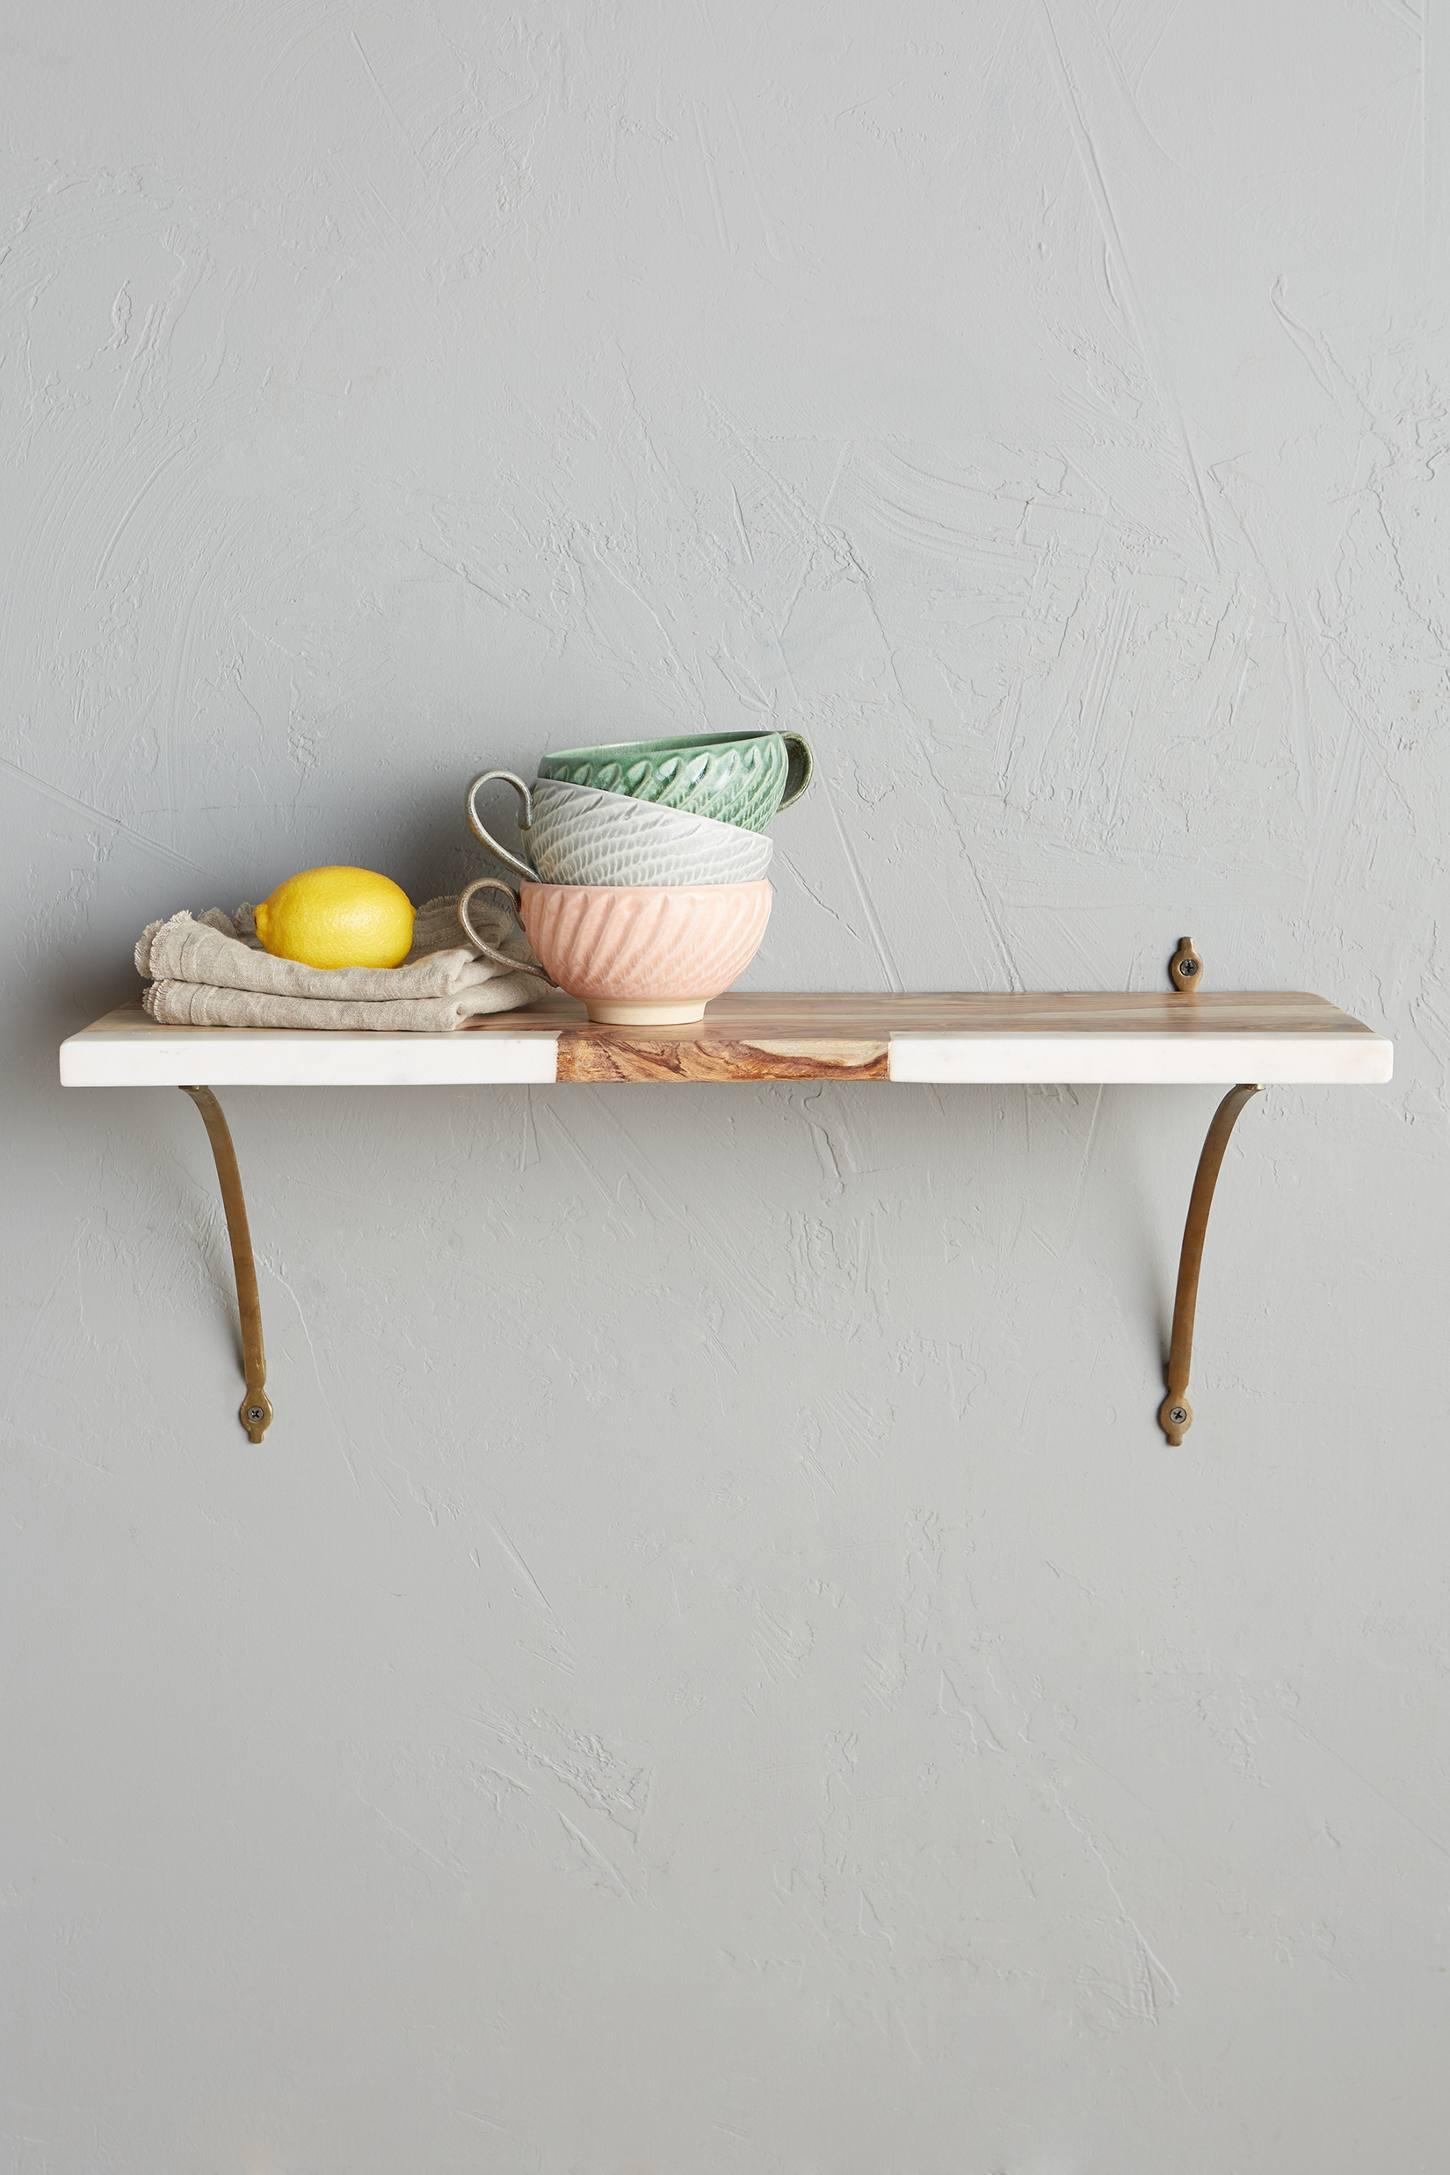 Marble-Blocked Shelf